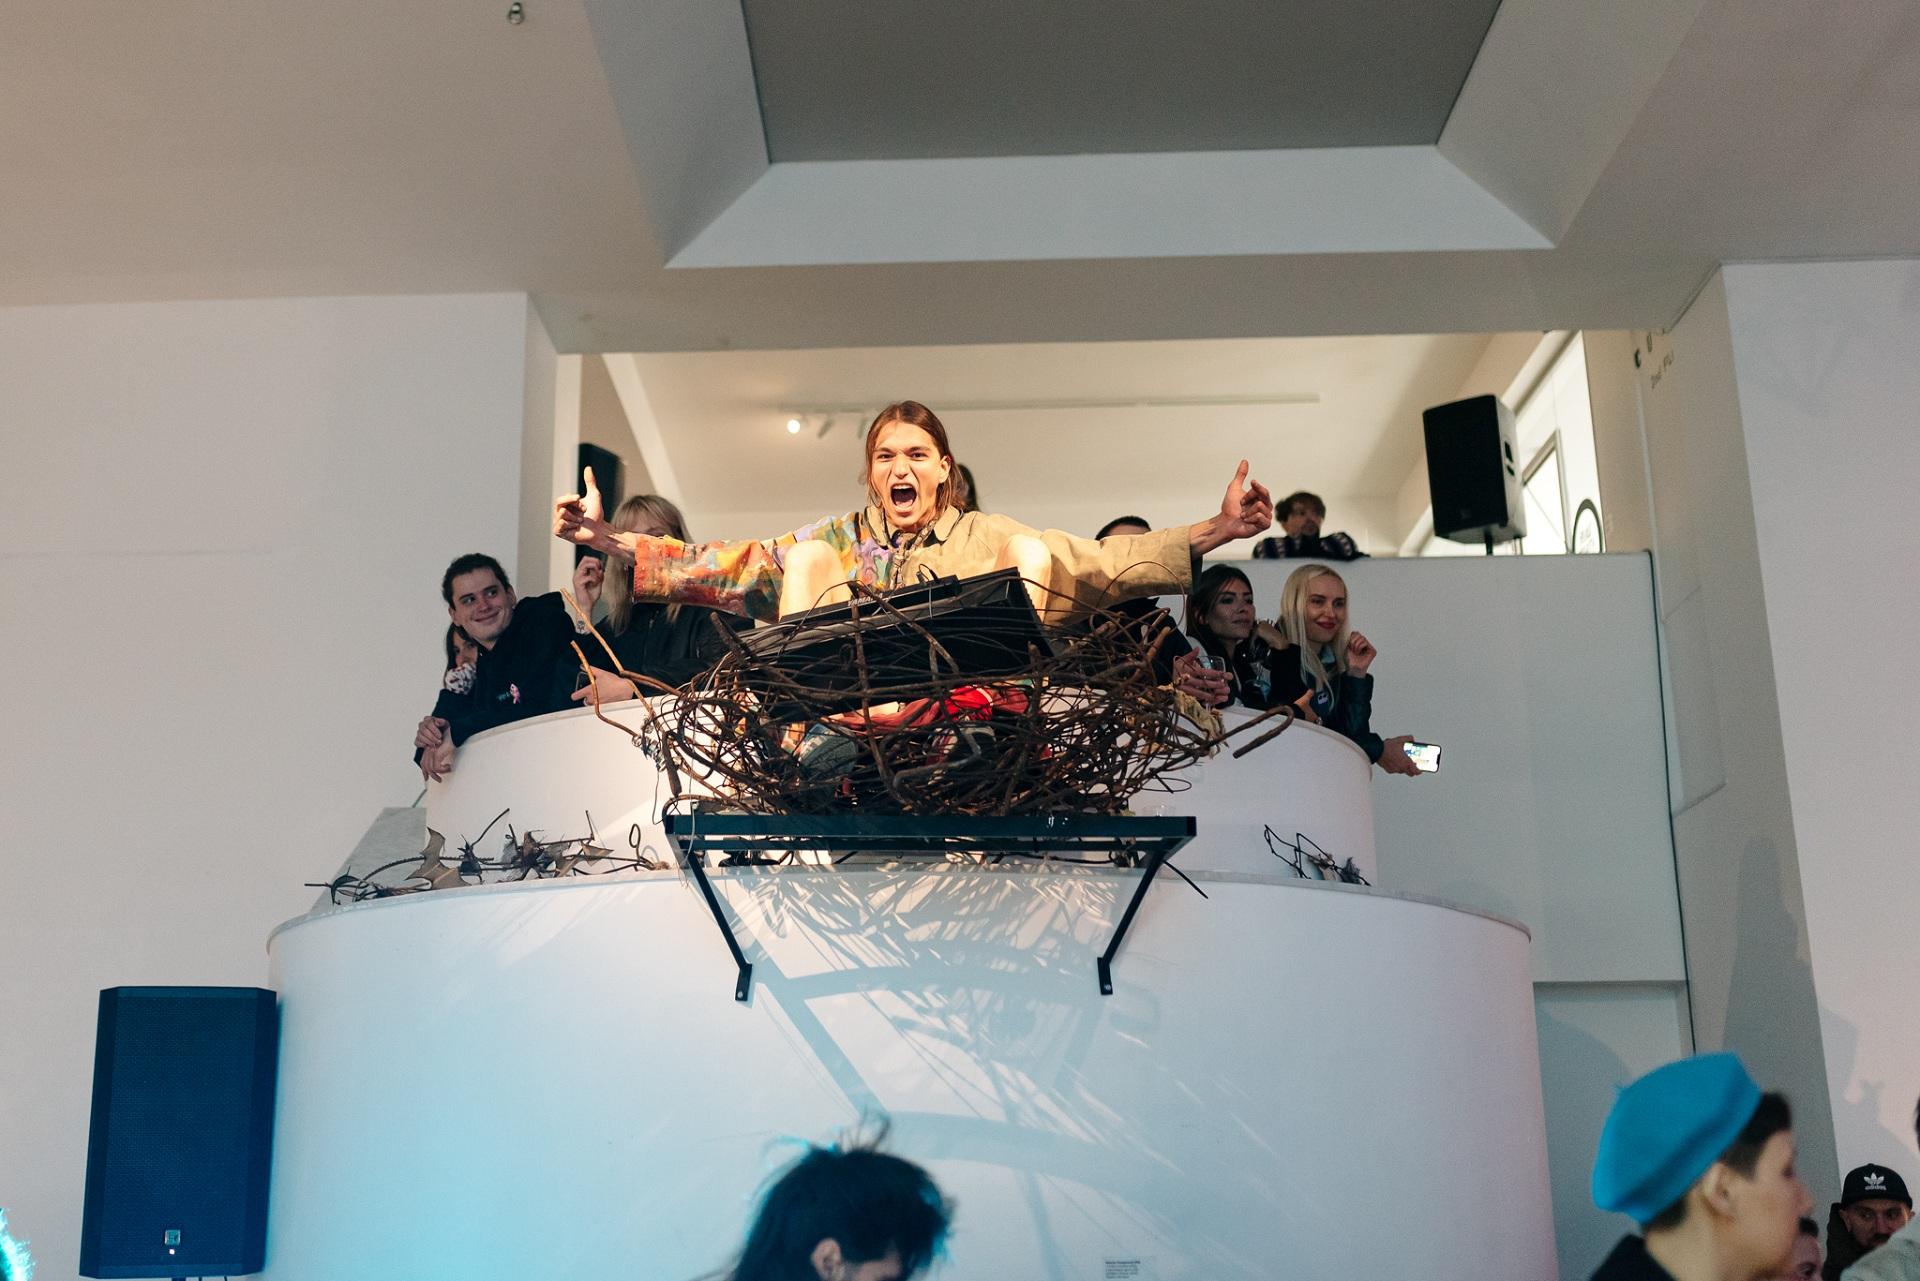 У Центрі сучасного мистецтва М17 відкрилася виставка «На акваторії заводу купатися було заборонено»-Фото 3